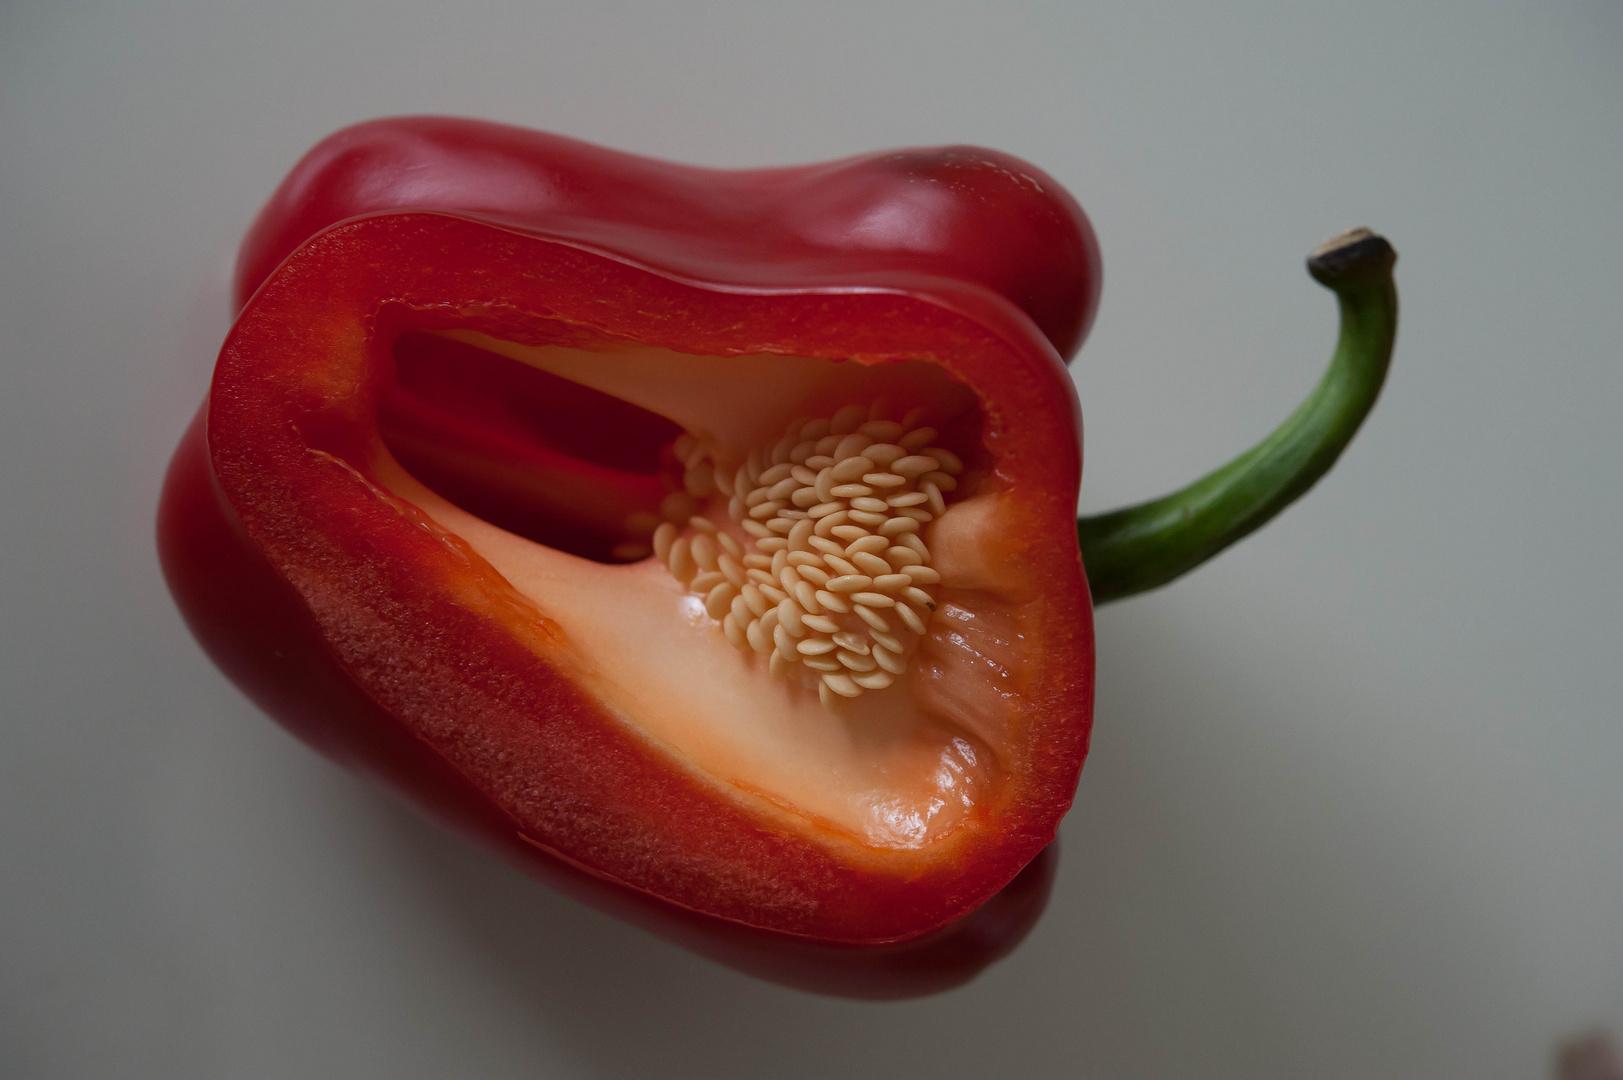 paprika #12